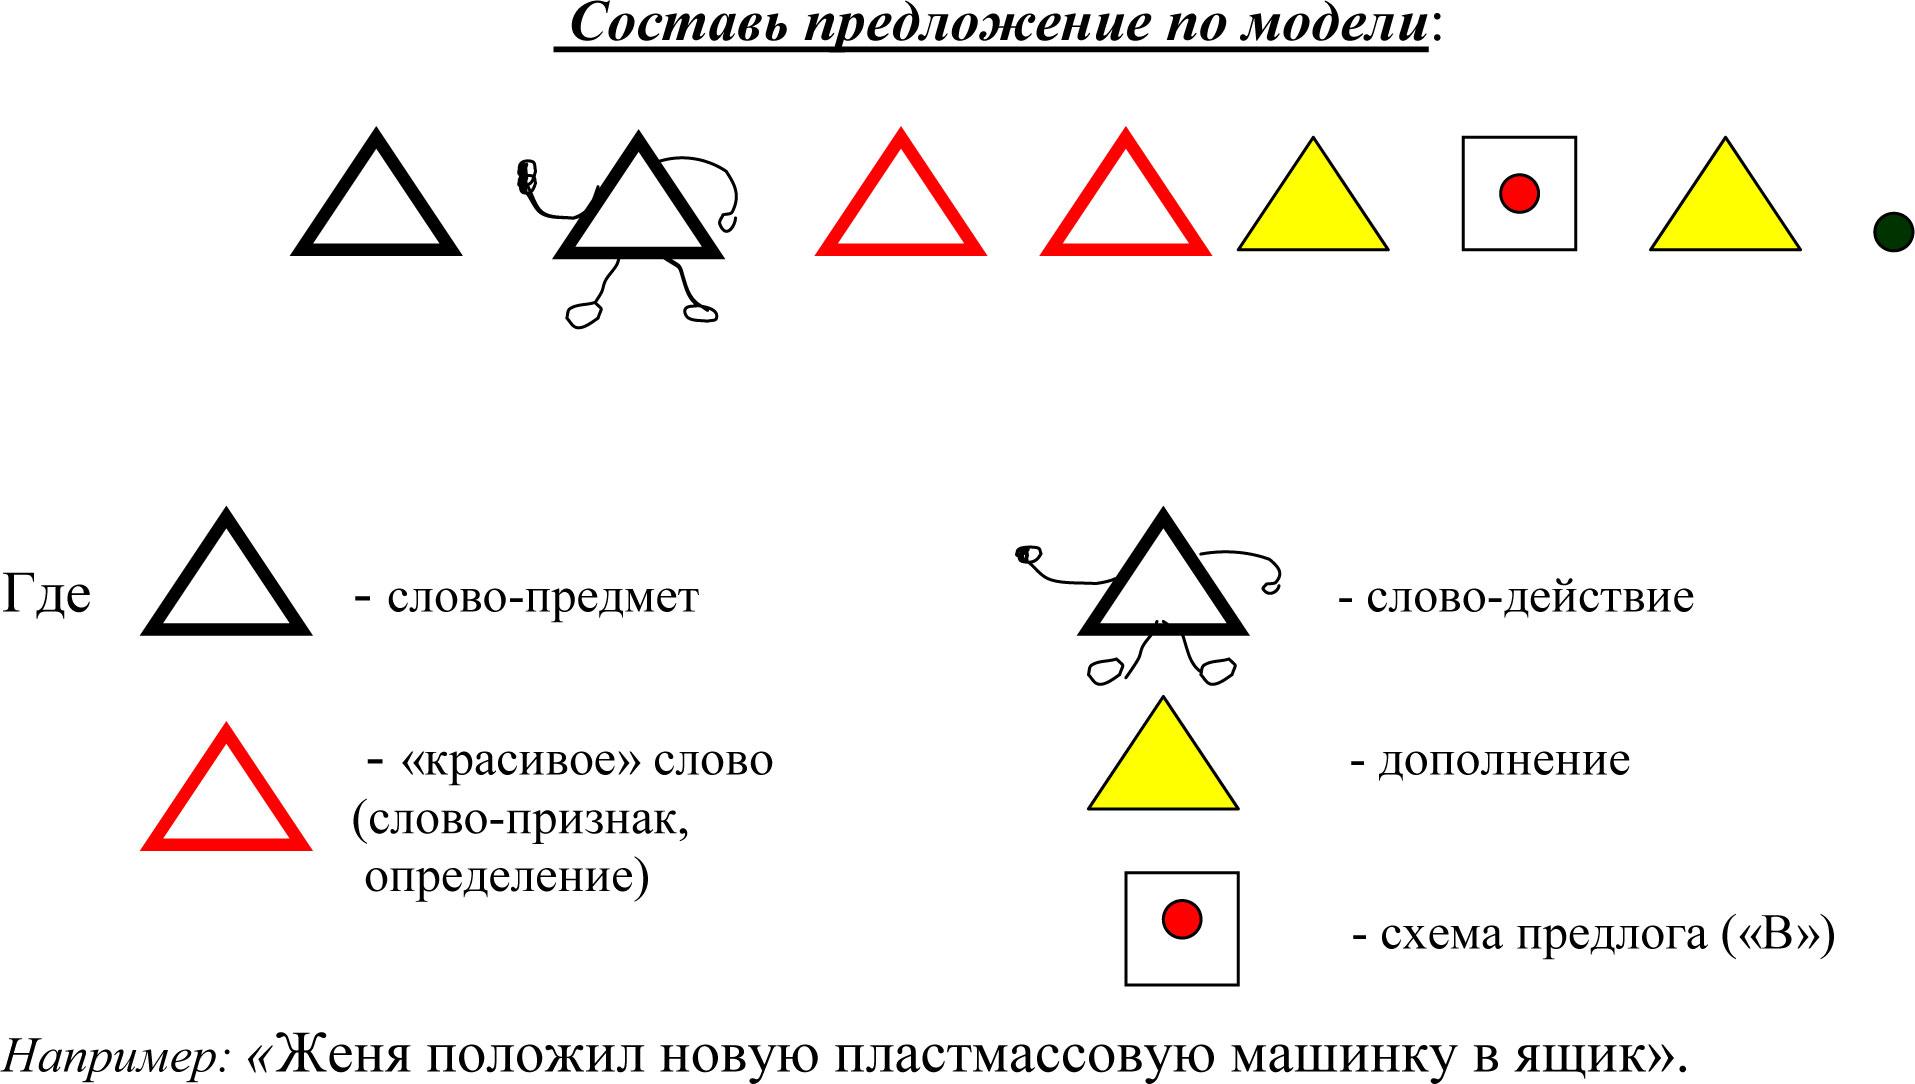 Картинно-графические схемы предложений для отработки предлогов